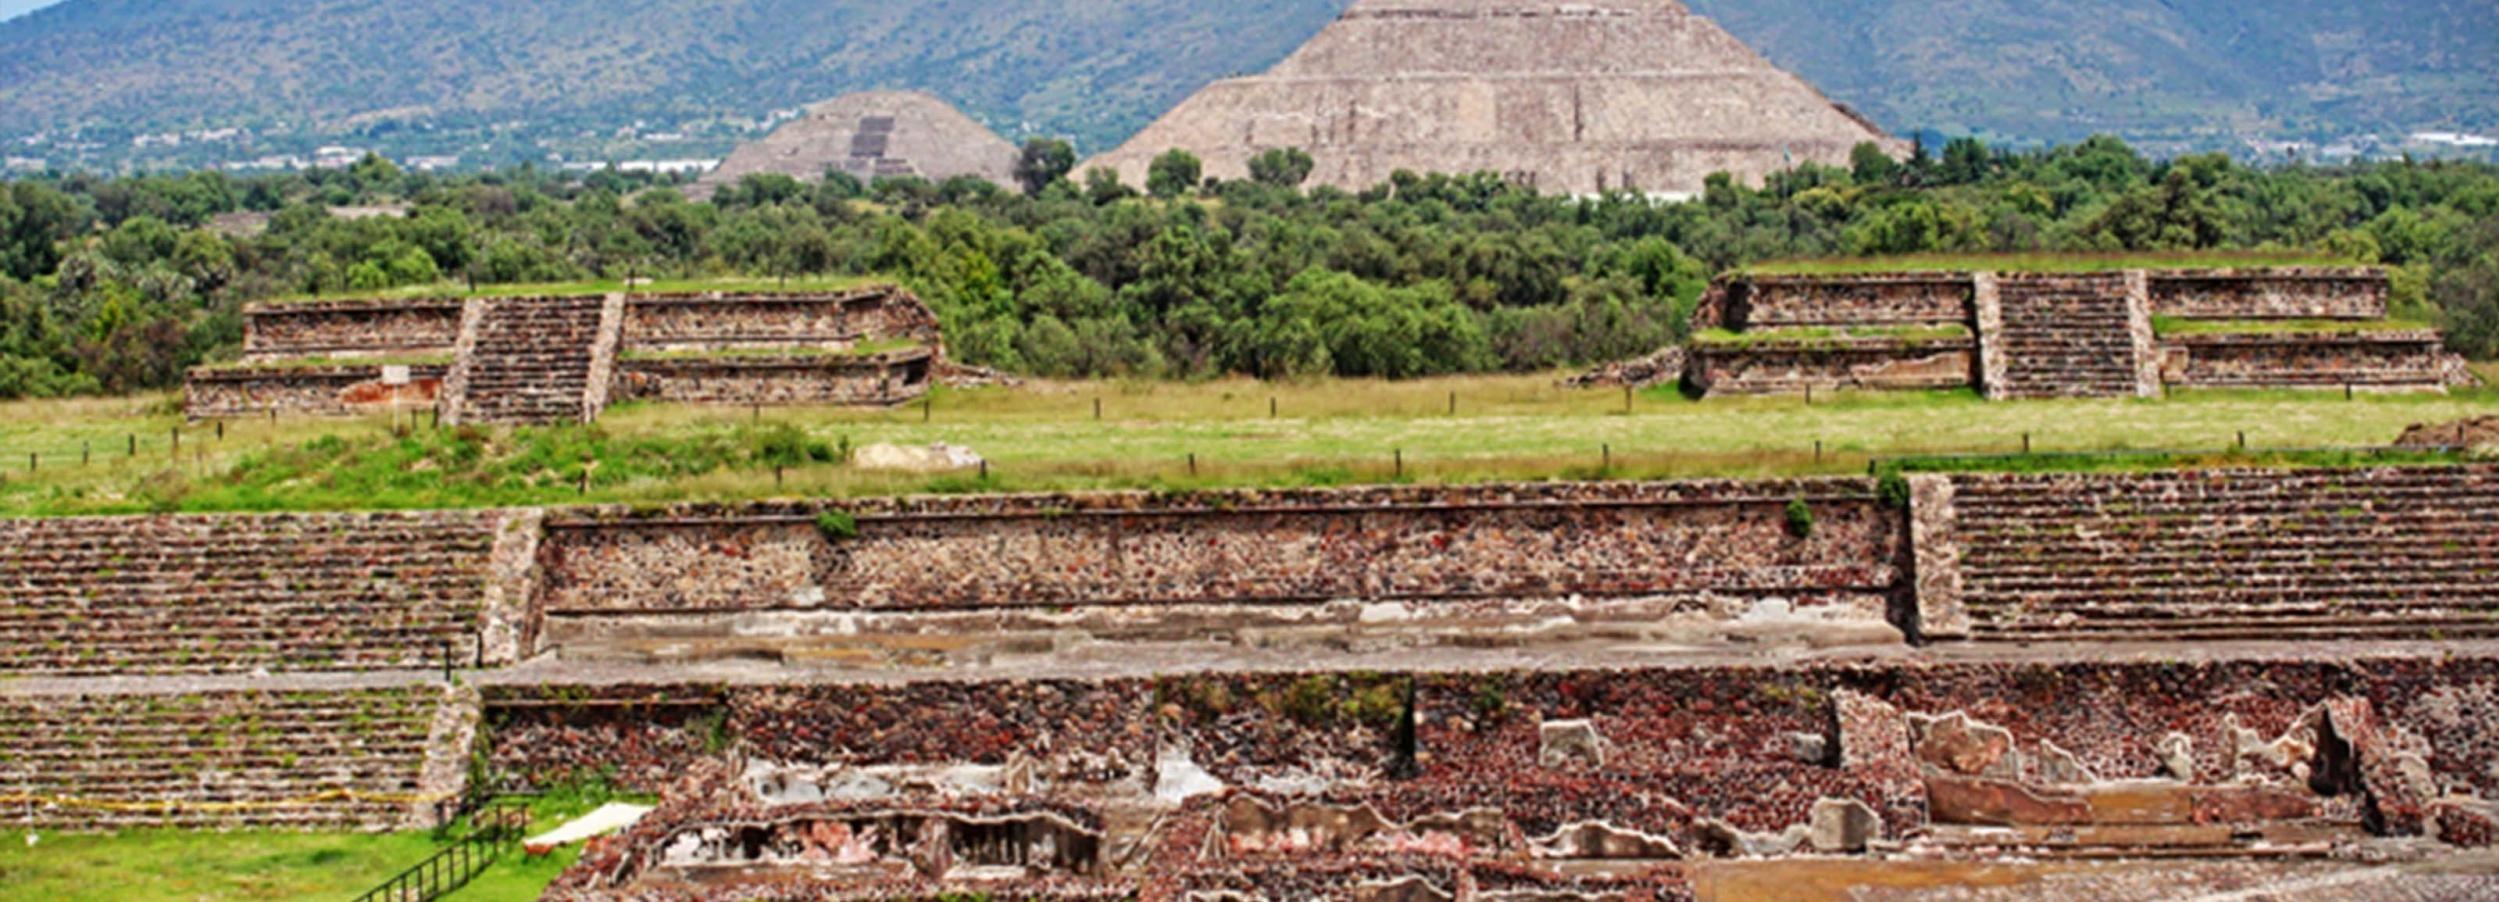 México: tour 1 día a Teotihuacán y la basílica de Guadalupe